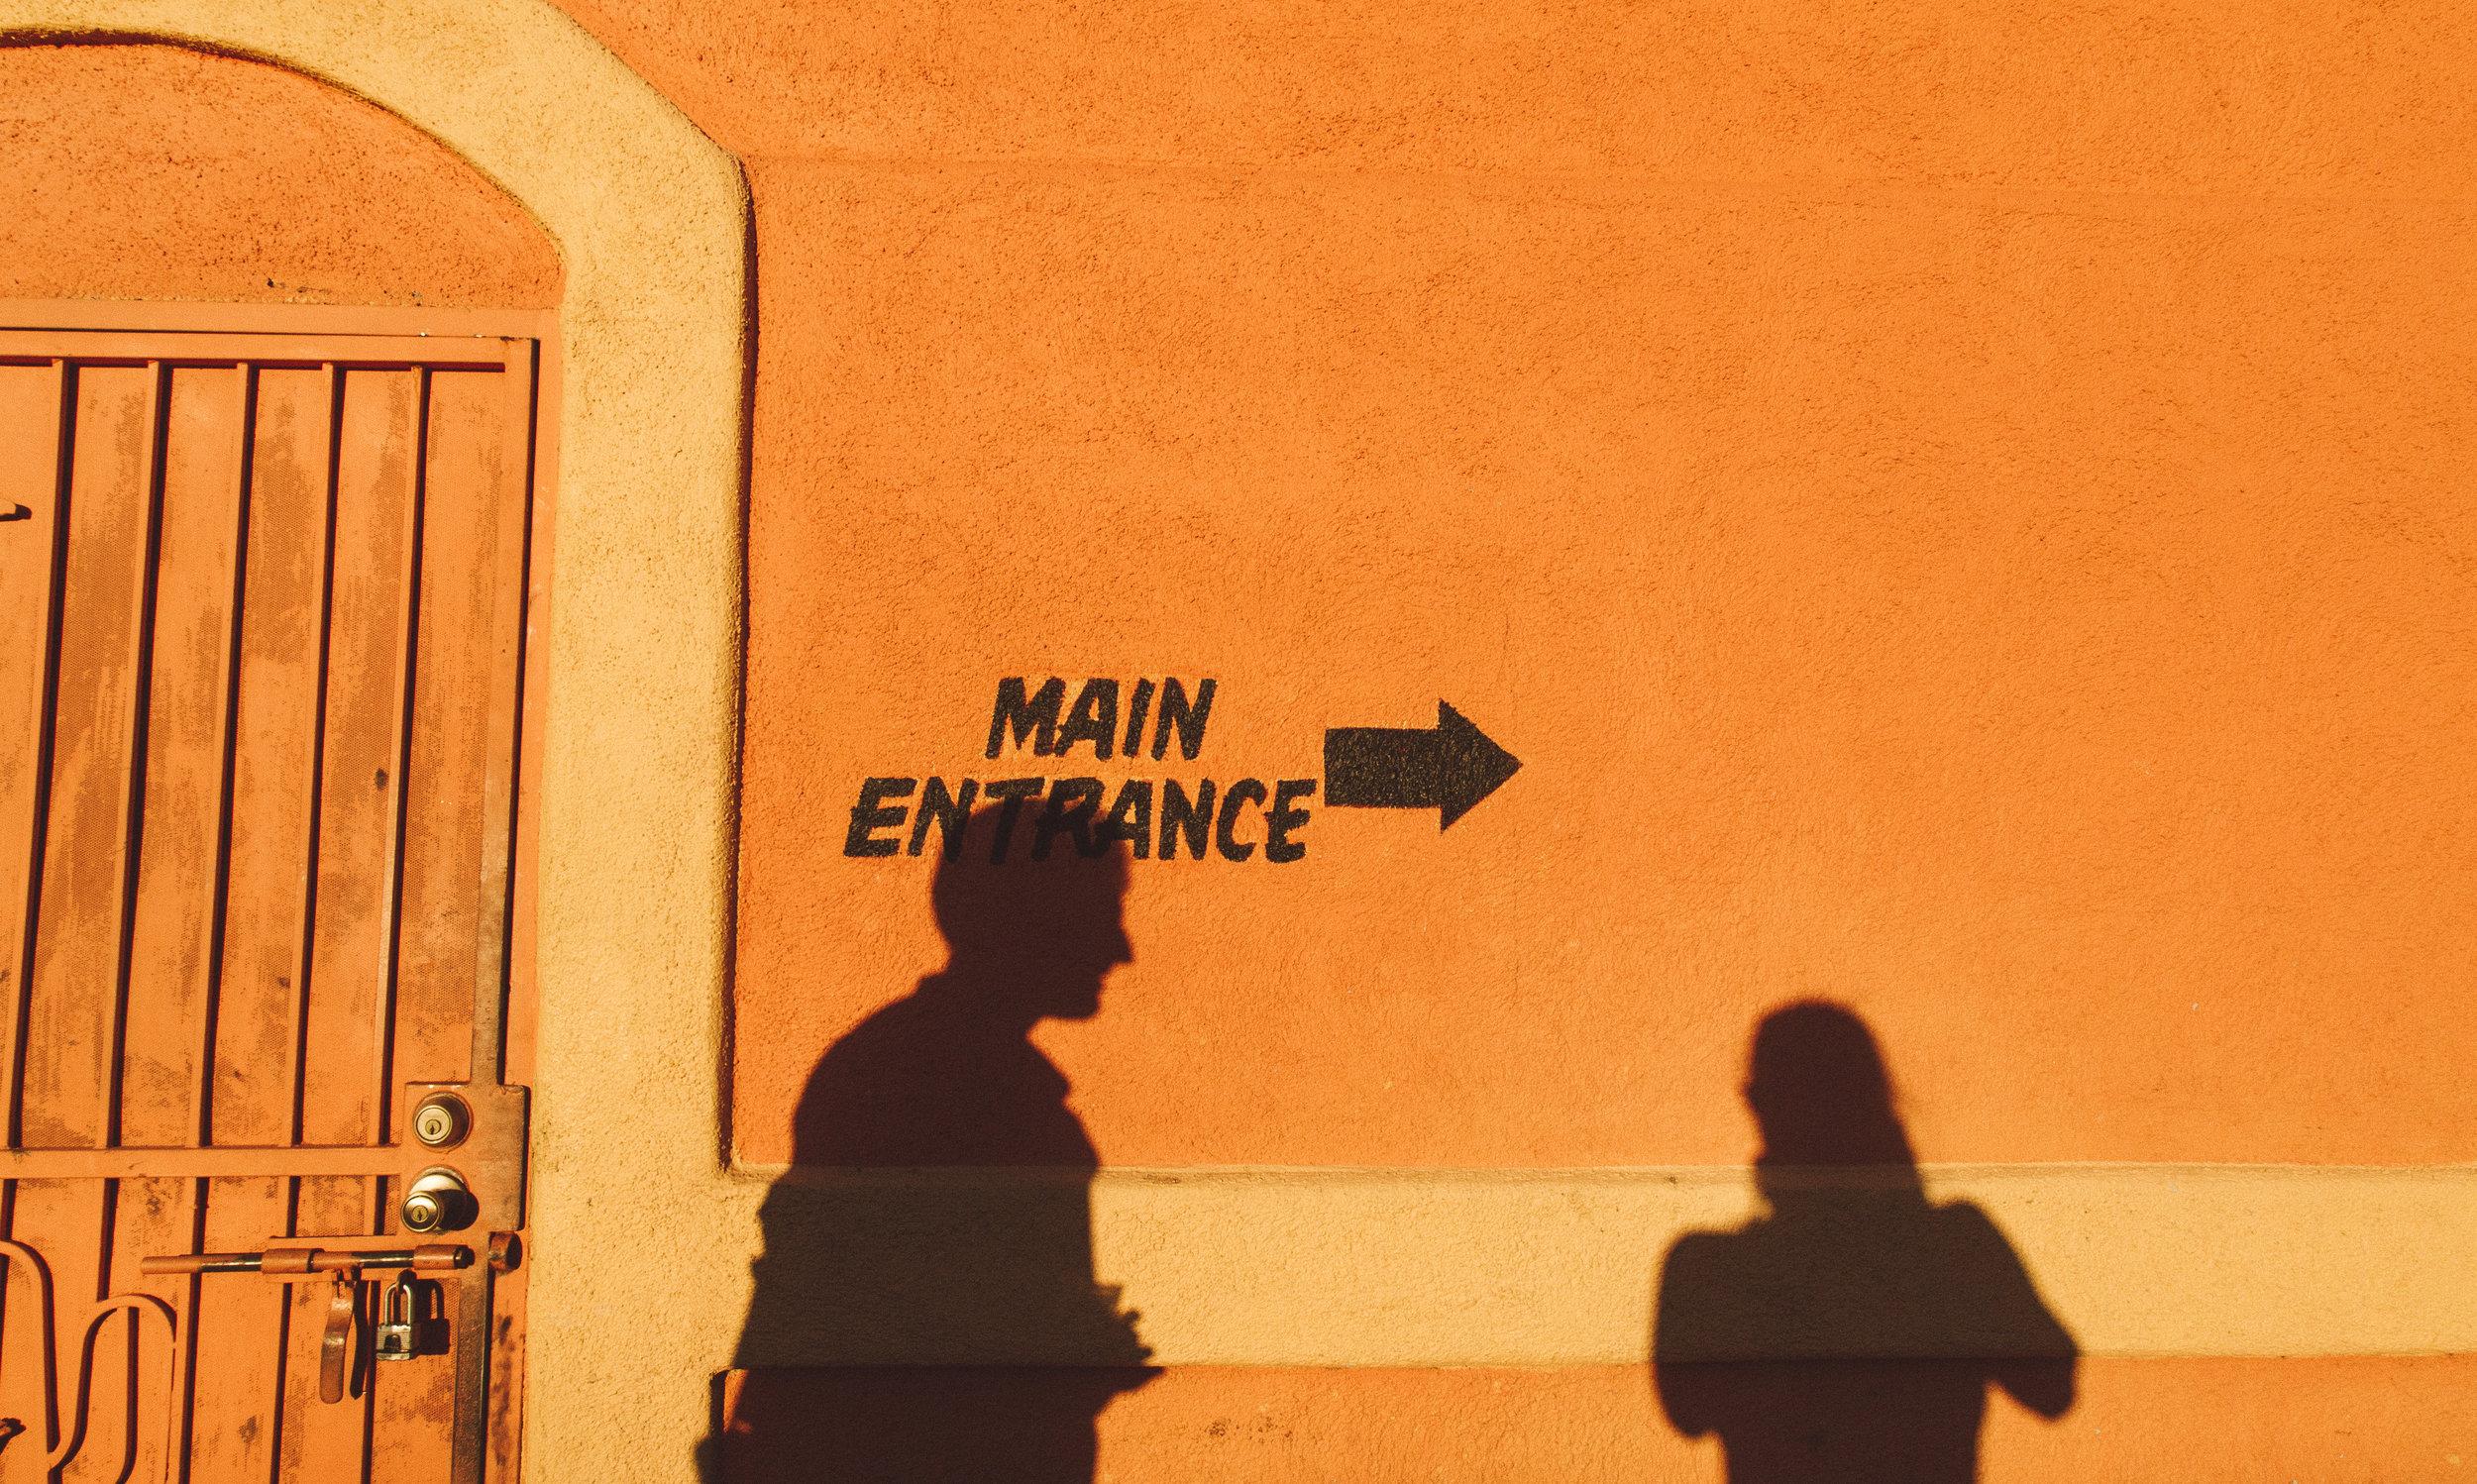 vamos ao assunto - Ver e FazerOrçamento SugeridoCusto de VidaDicas para pouparOnde ficarComo se deslocarQuando irficar em segurançareservar viagemLivros e Filmes SugeridosGuias de Viagem Artigo